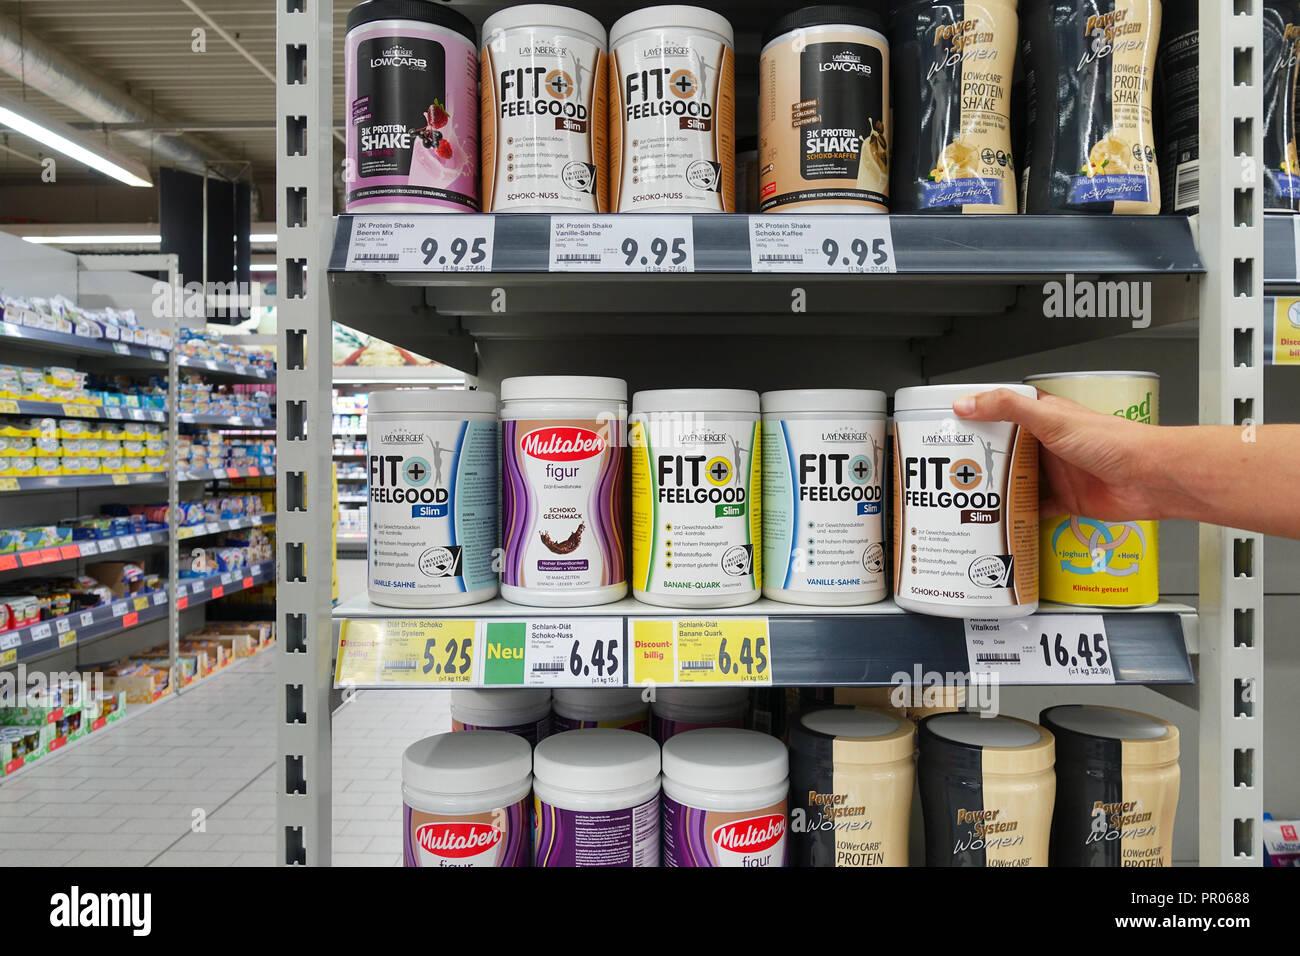 Proteina di elevata bevande e supplementi di bodybuilding in un supermercato Immagini Stock